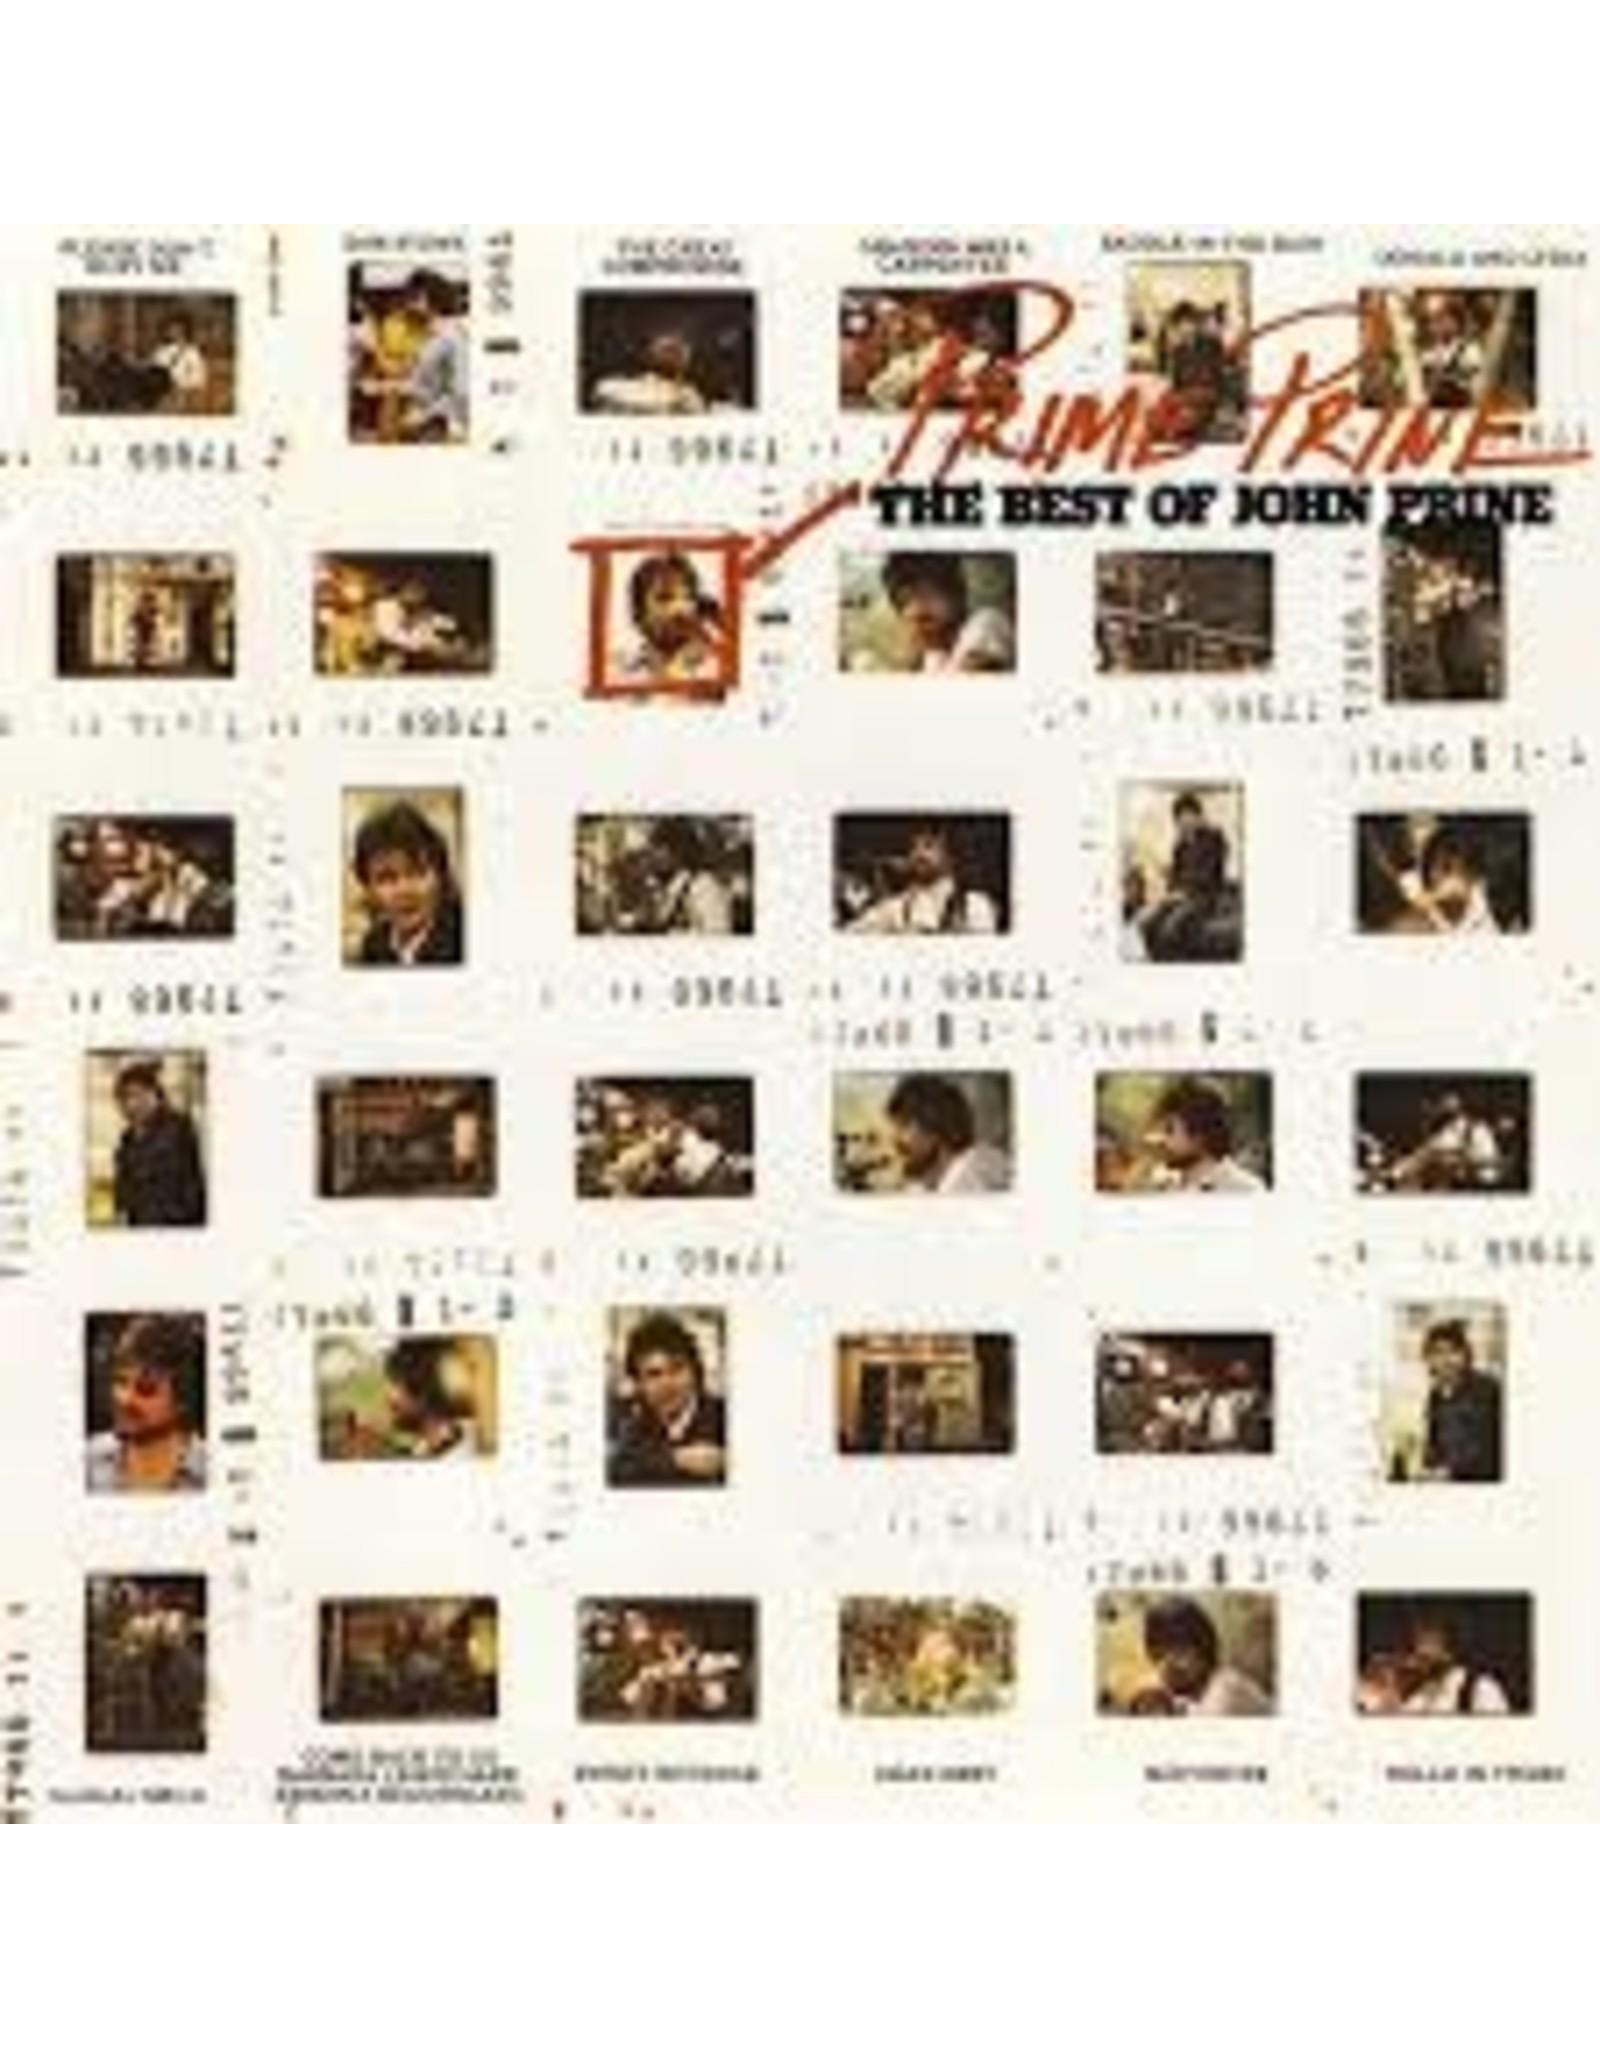 Prine, John - Prime Prine: The Best Of CD